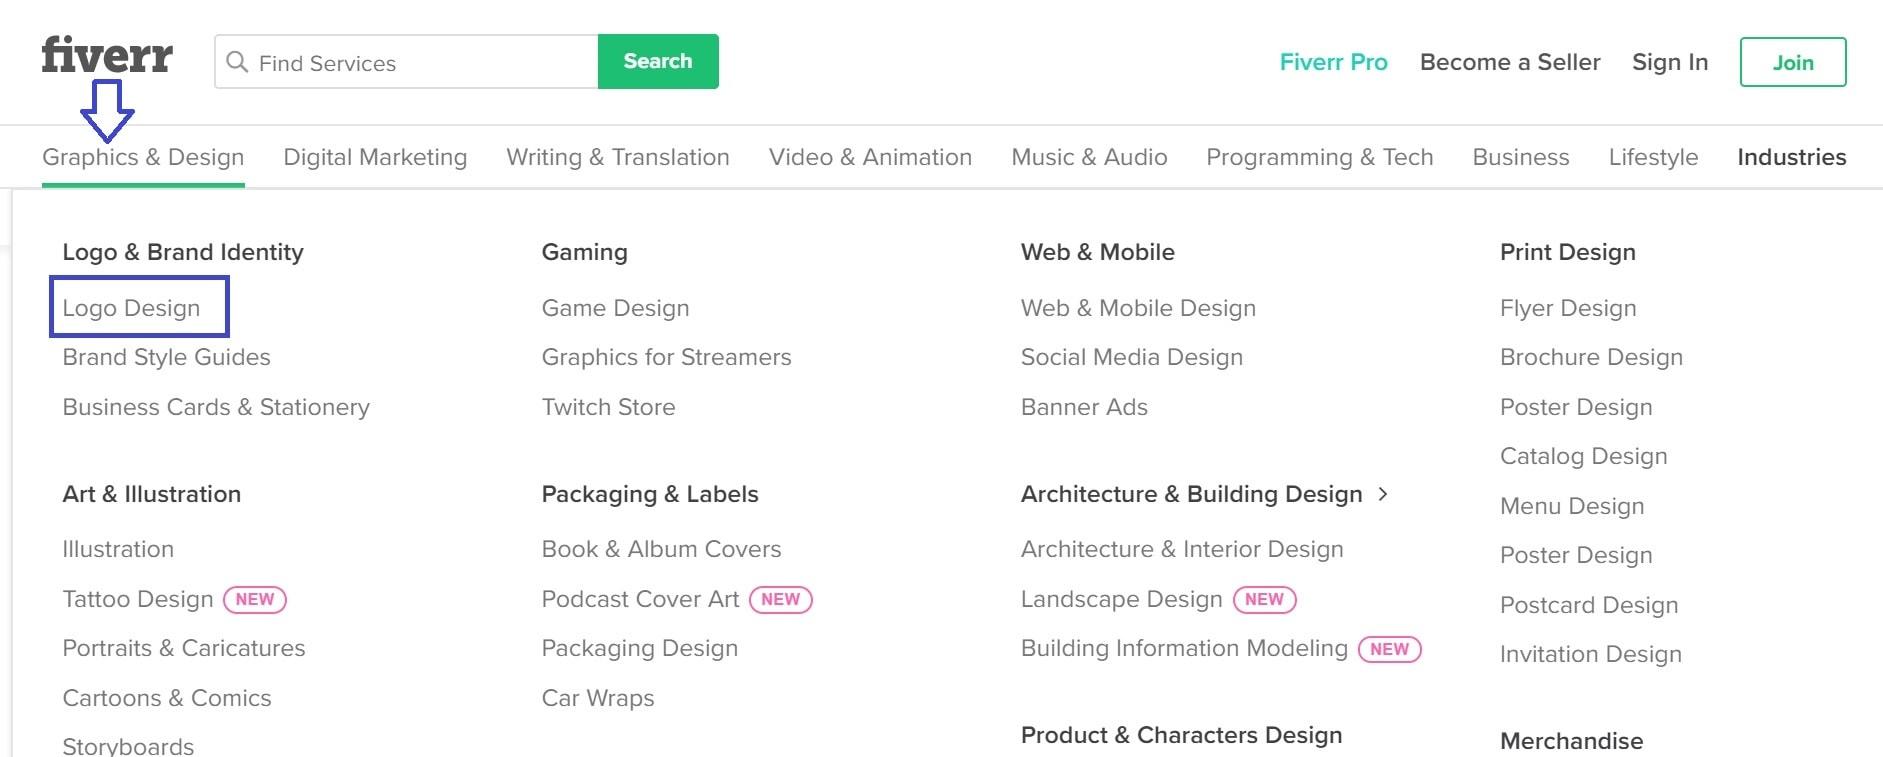 Fiverr screenshot - Graphics & Design menu